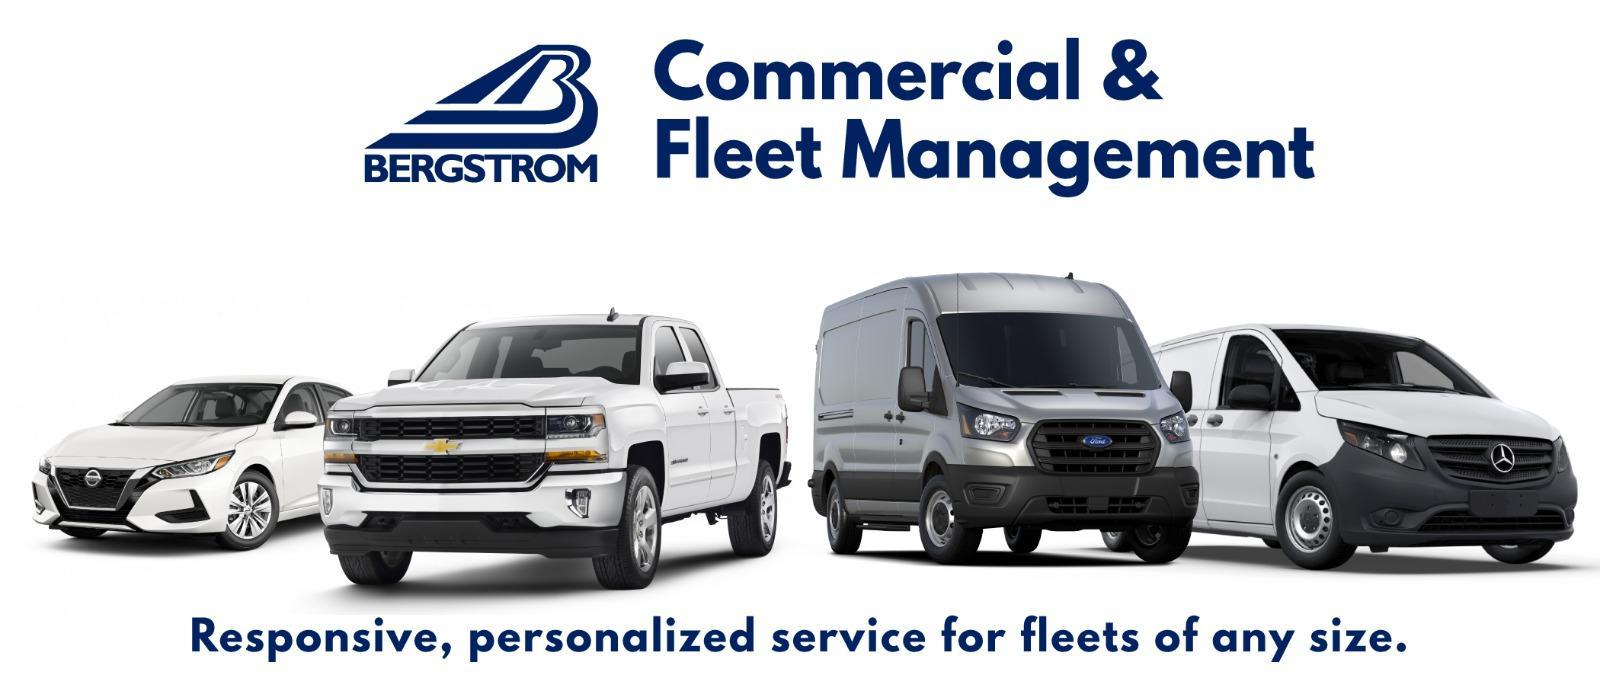 Bergstrom Commercial & Fleet Management